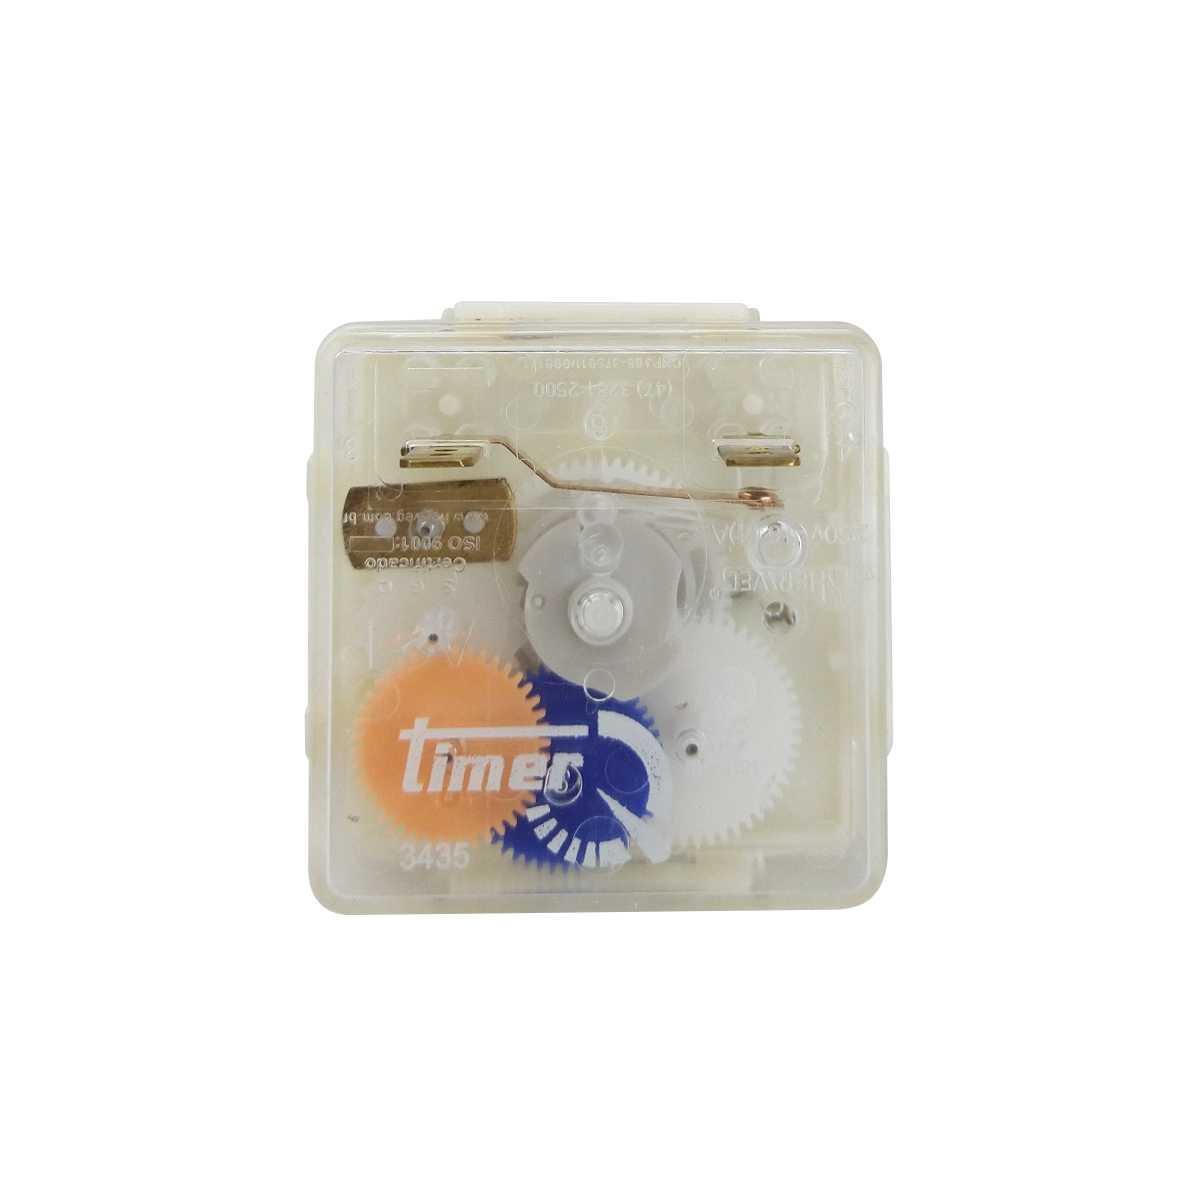 Timer mecanico Tanquinho Arno 35min com coroa importado